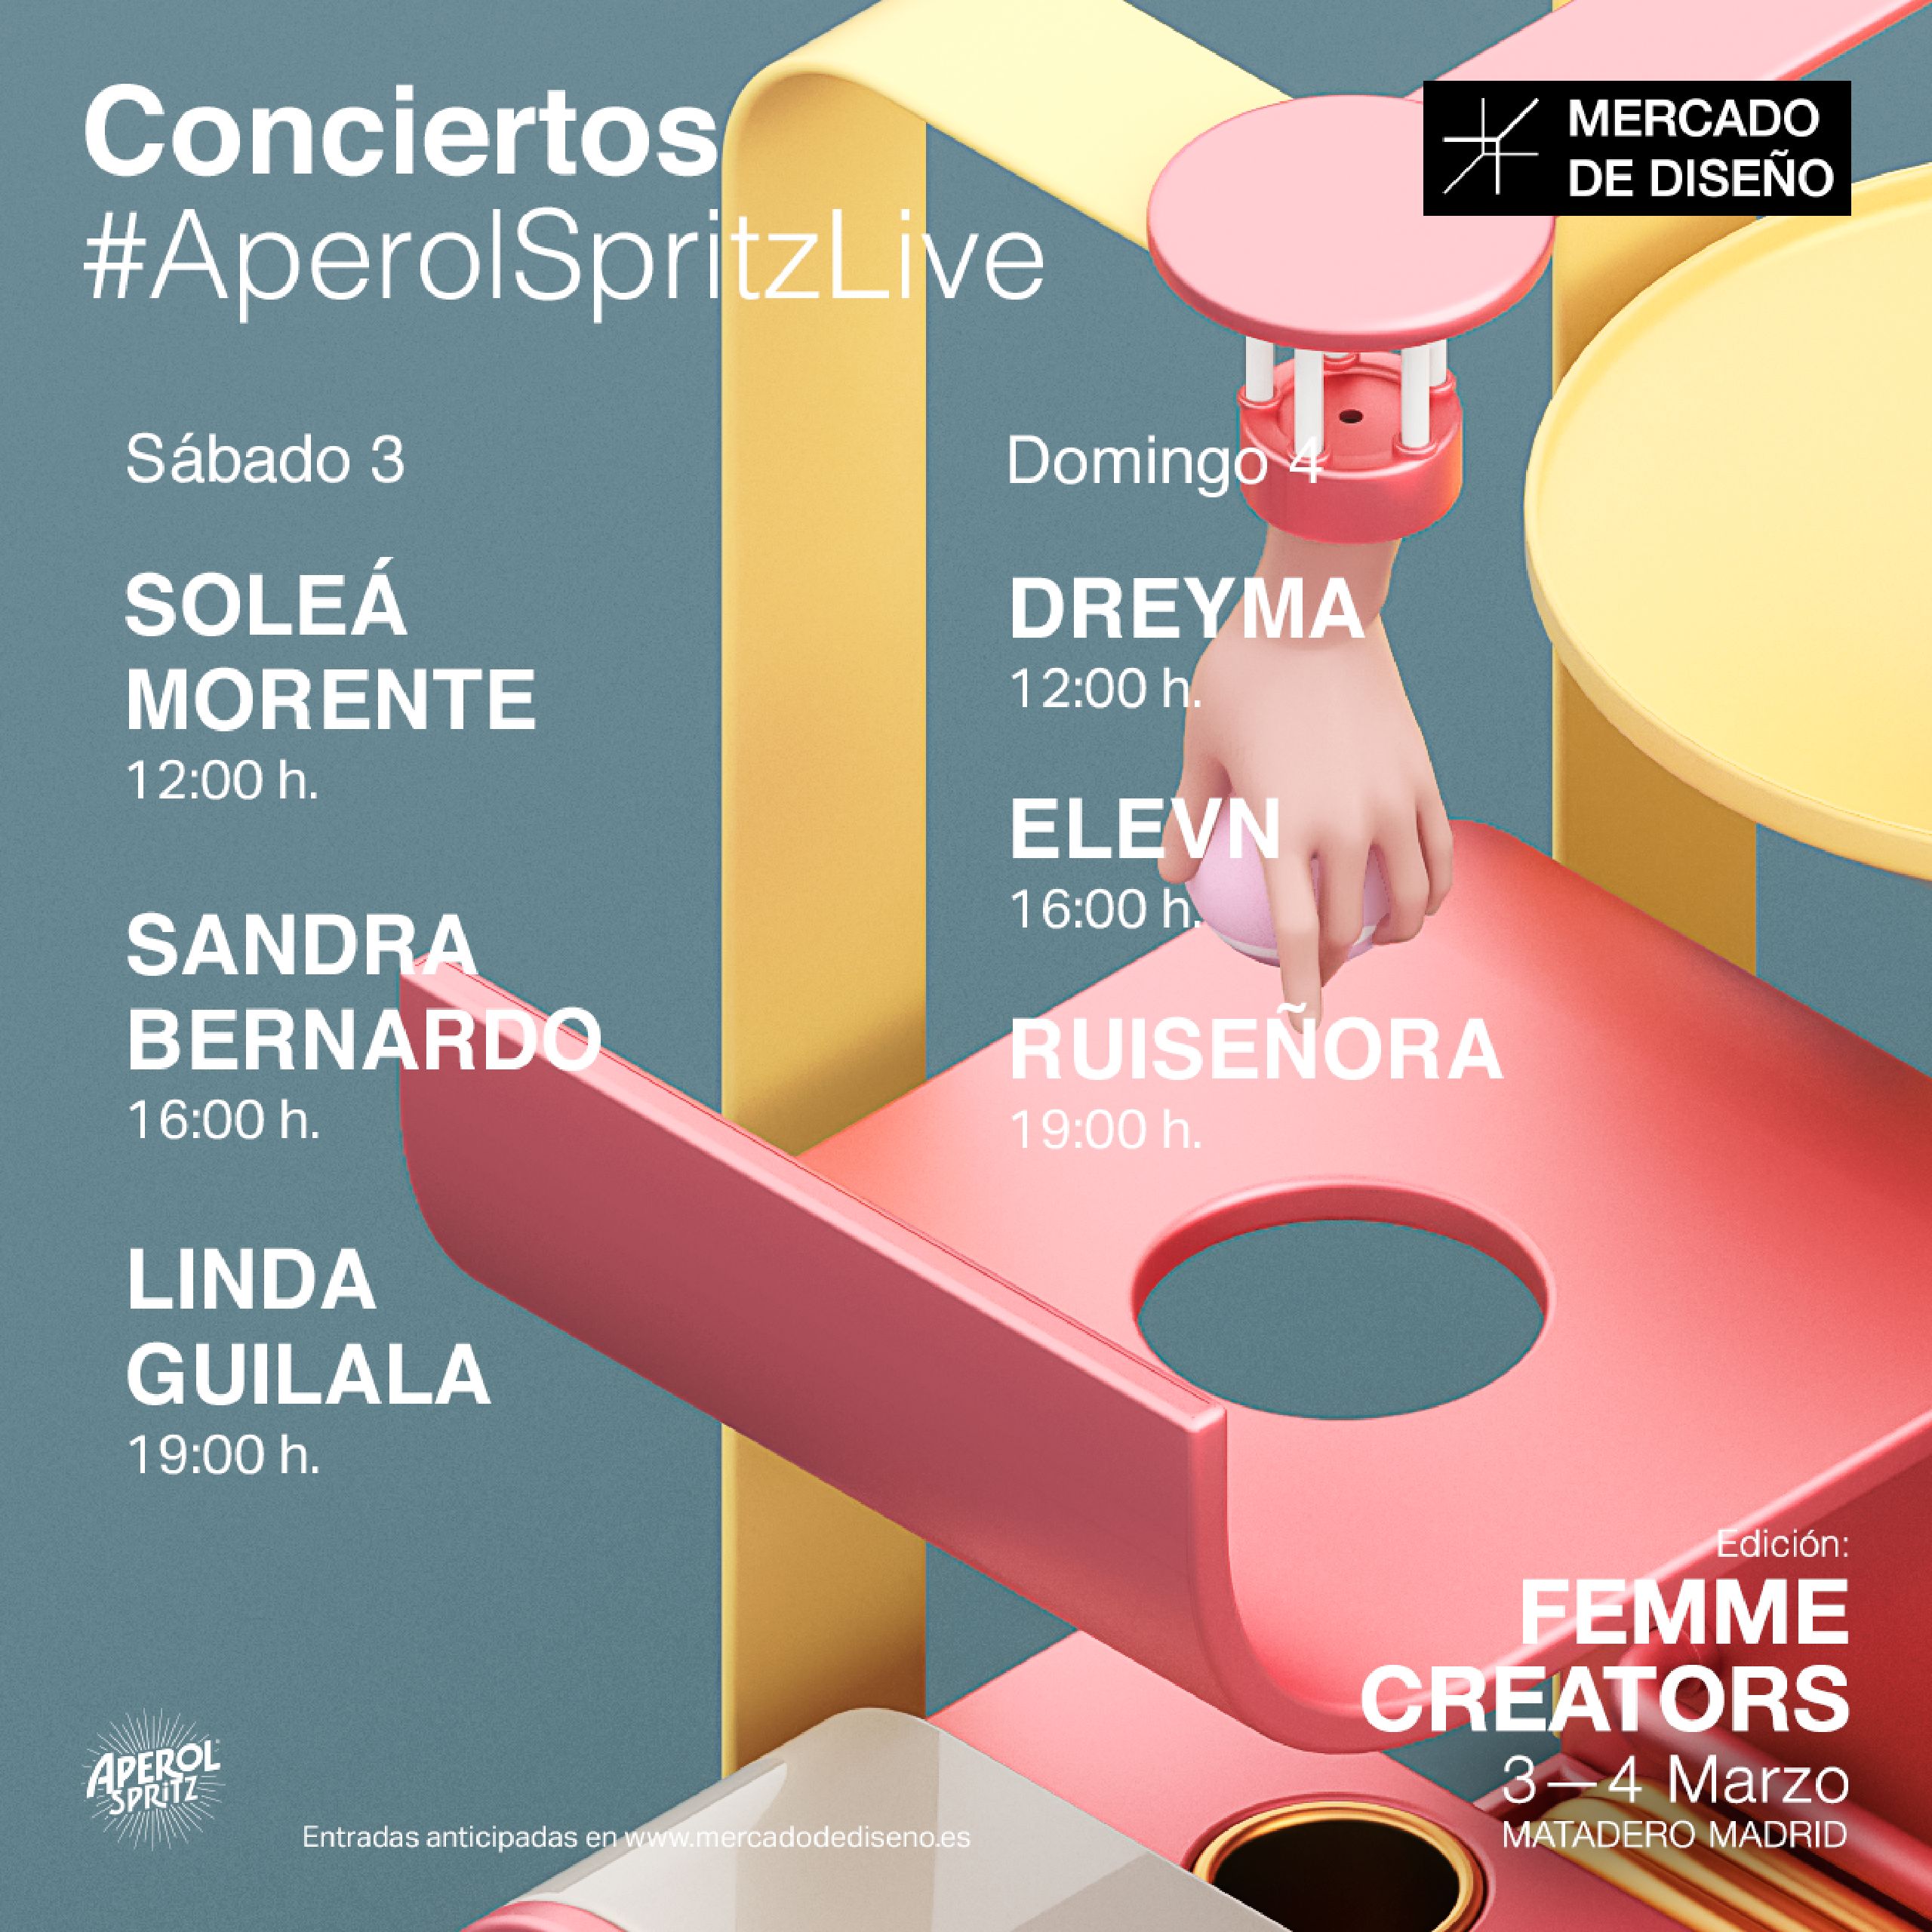 Cartel Mercado de Diseño 2018 marzo: Soleá Morente, Sandra Bernardo, Linda Guilala, Dreyma, Elevn, Ruiseñora